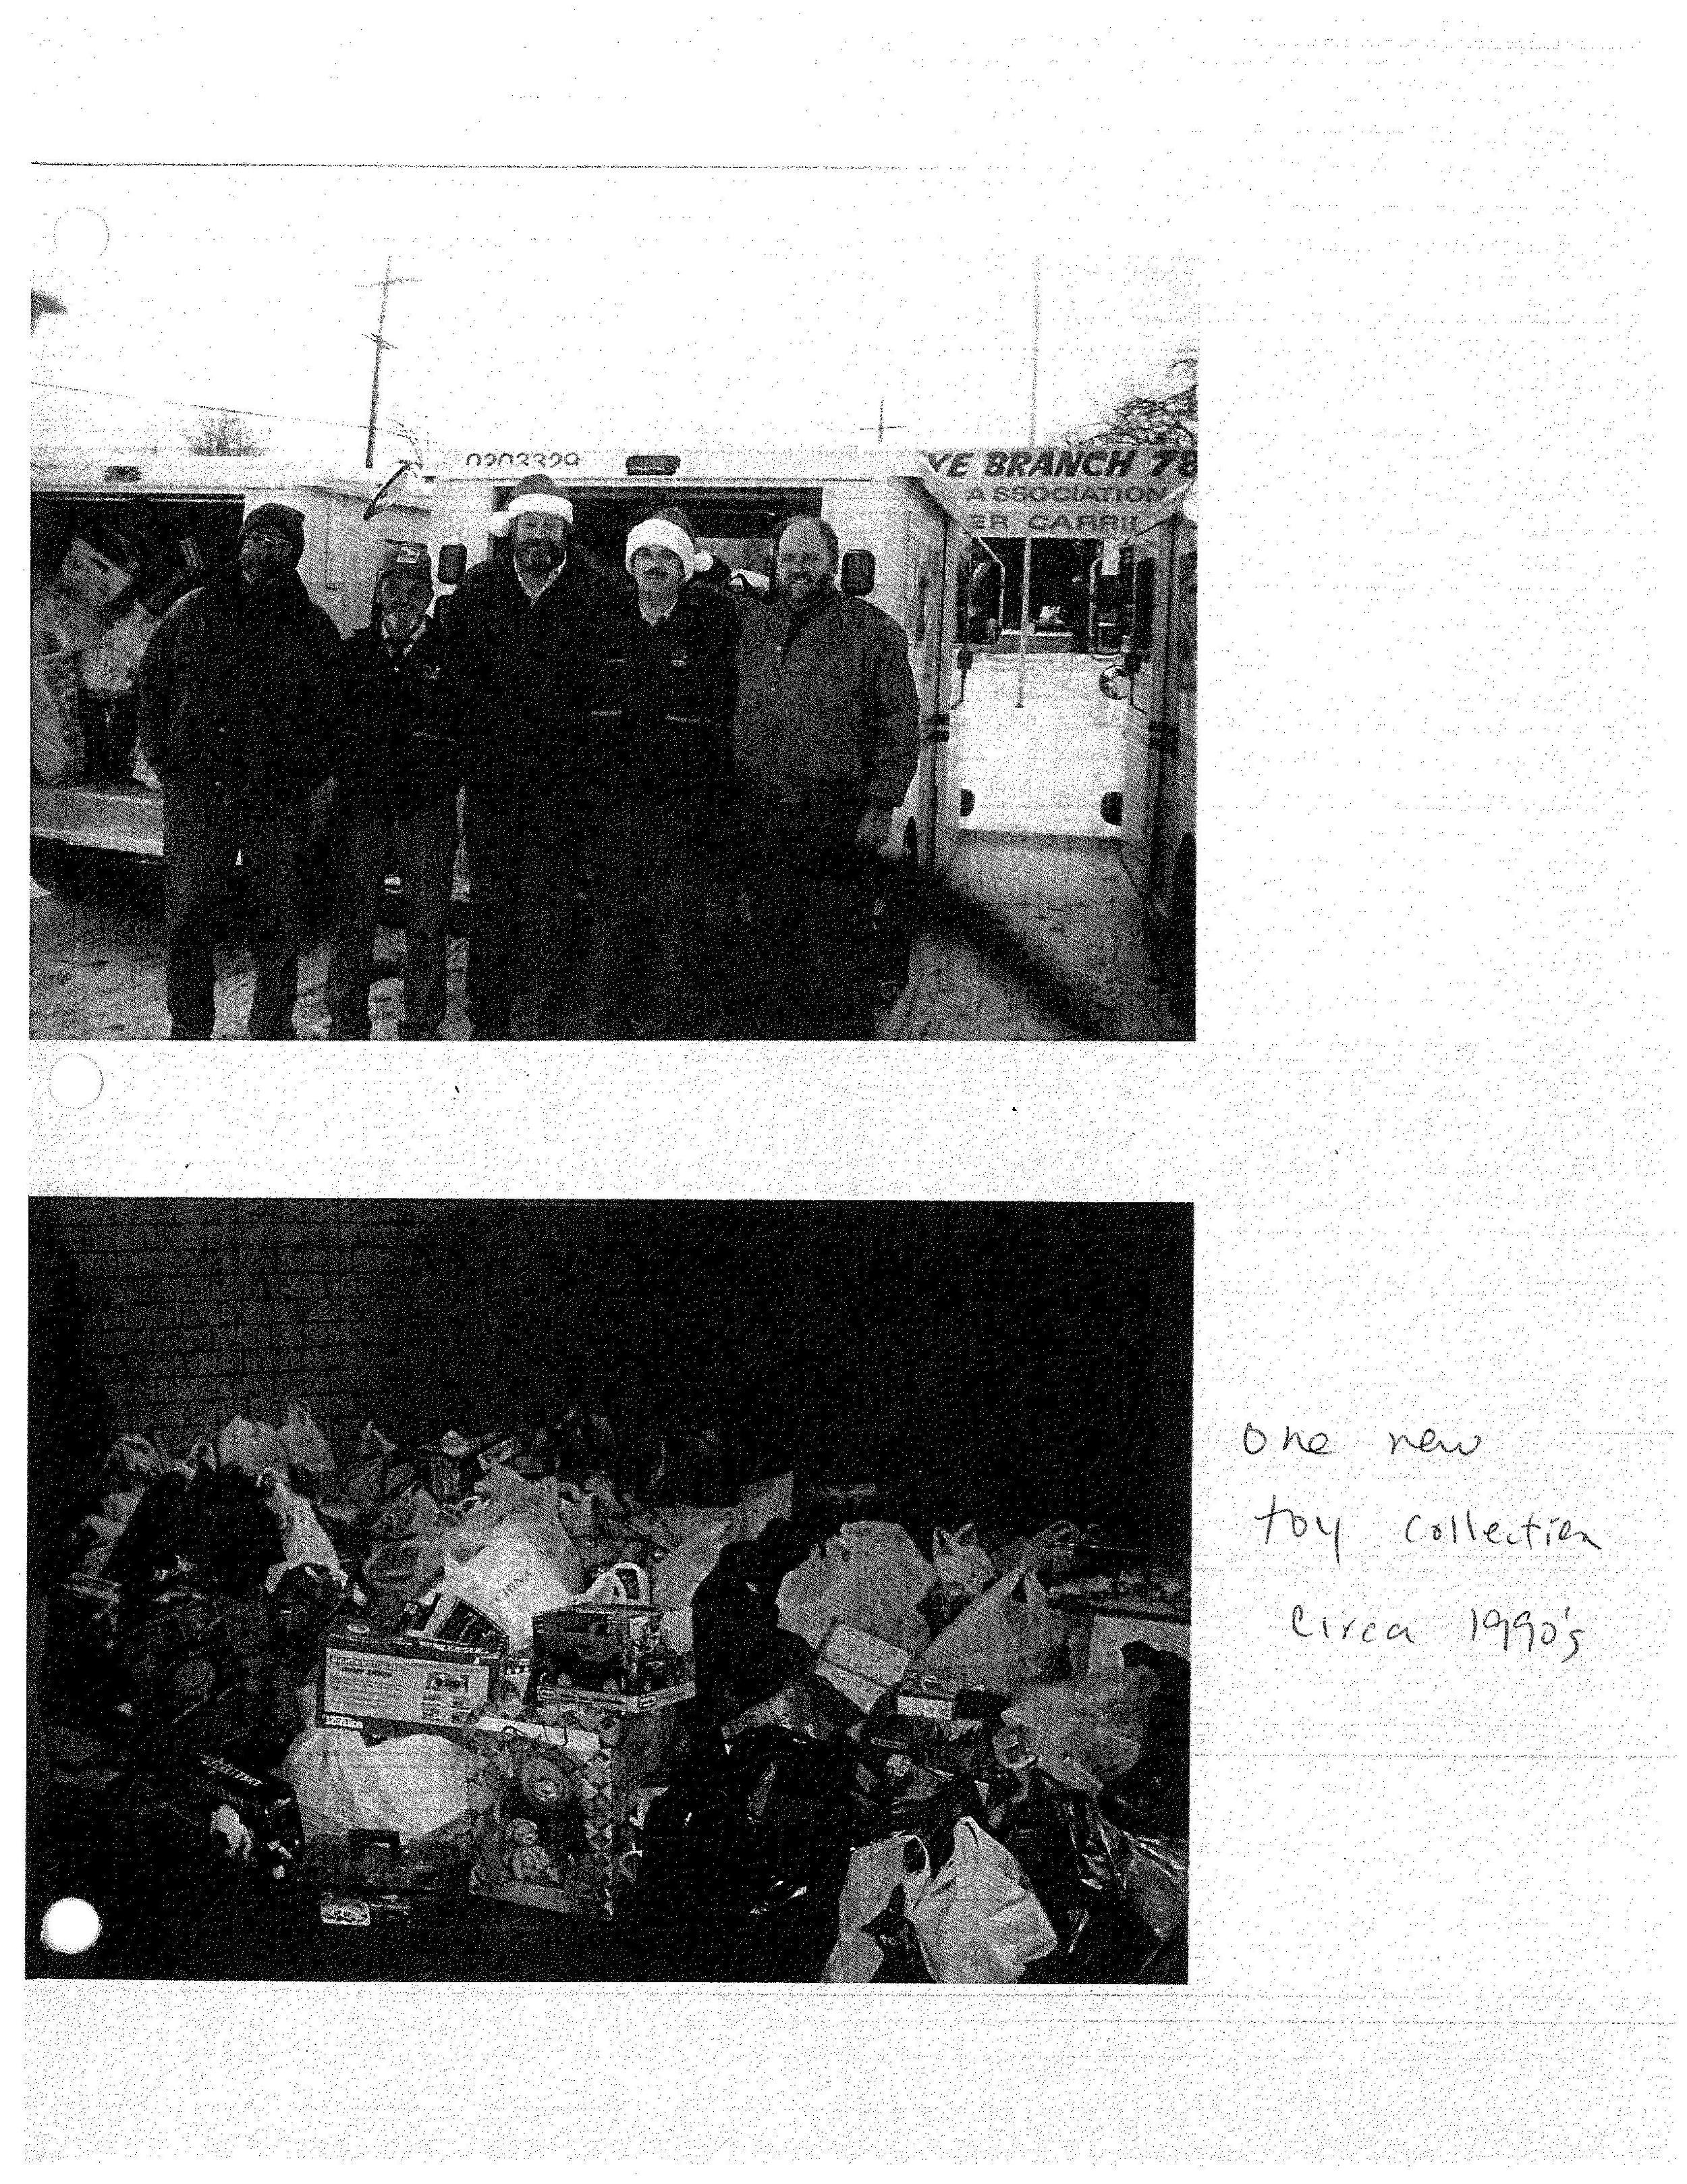 branch 78 history page-0081.jpg